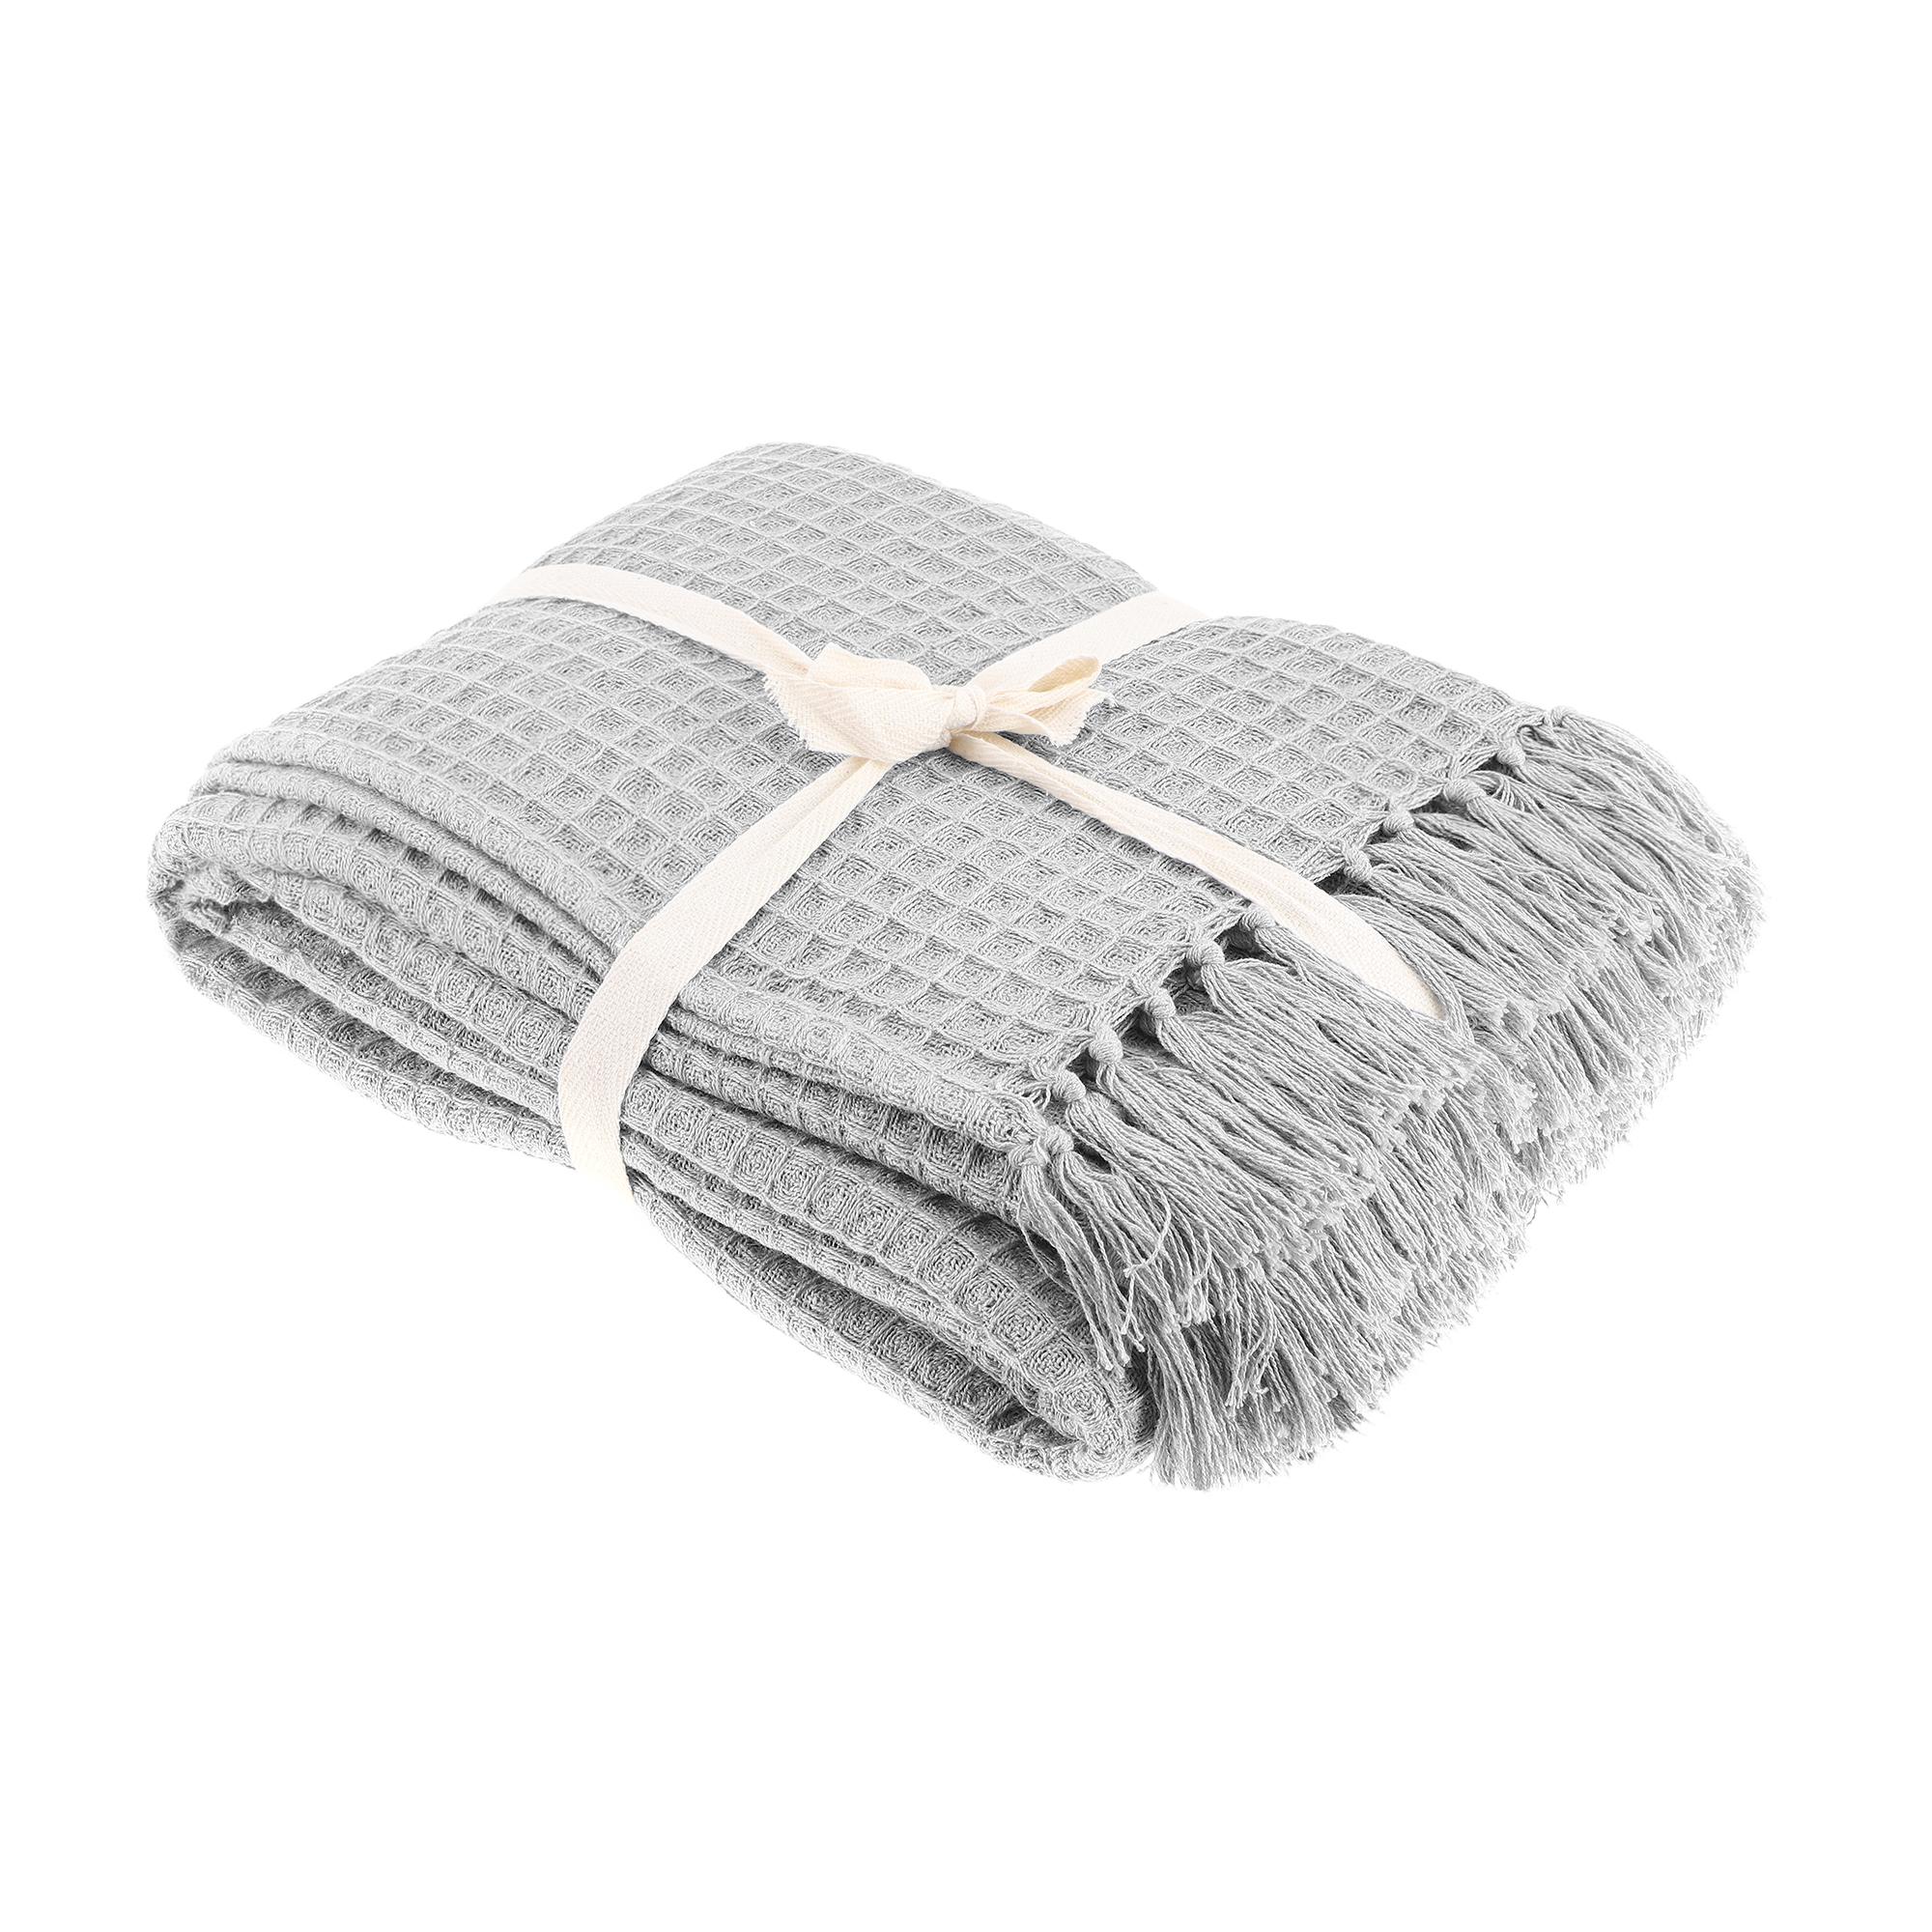 Плед вафельный Homelines textiles solid 220x240cm grey фото